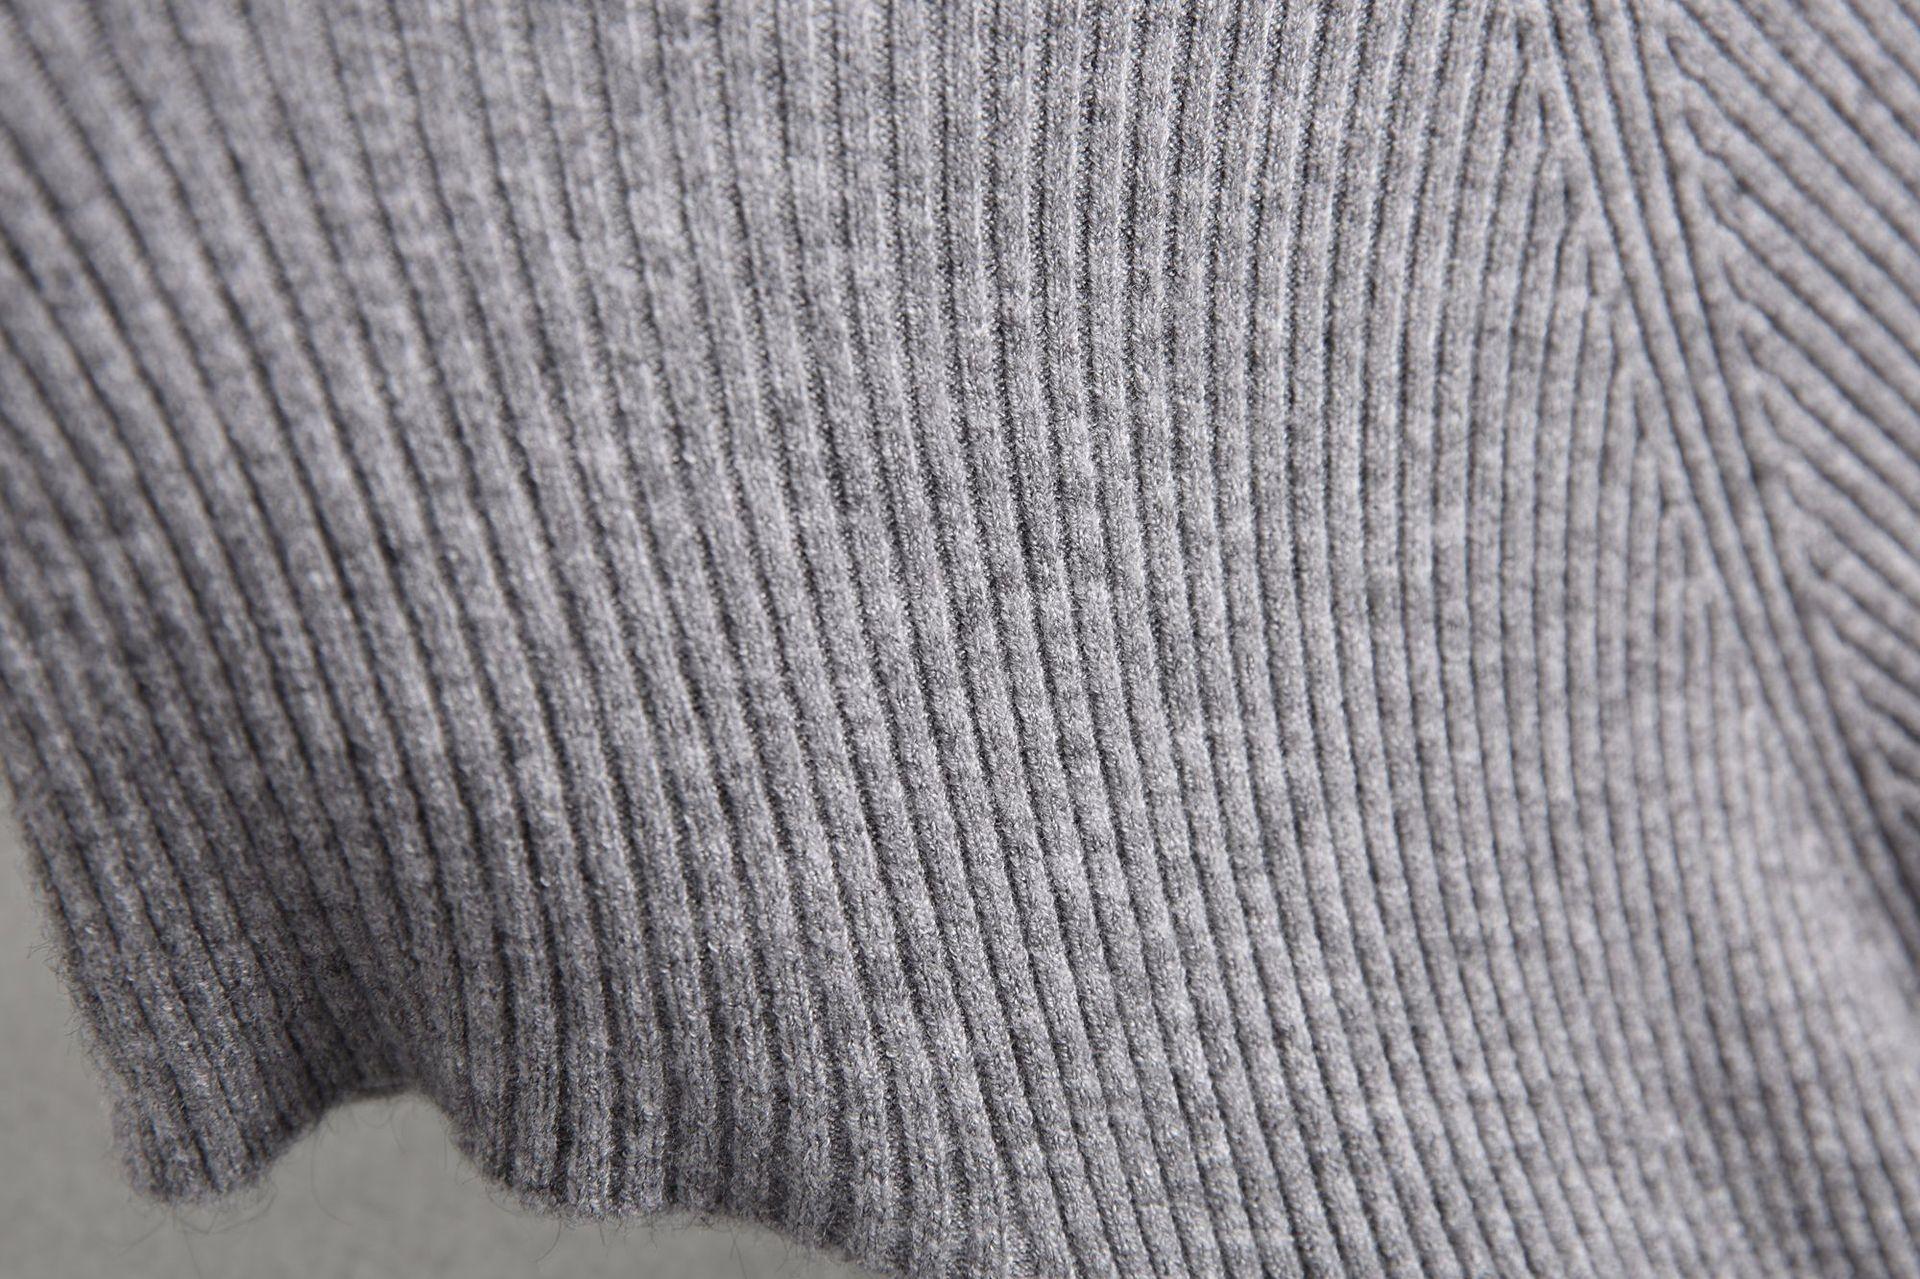 ibijq nova Jia Zhi mangas 8-625 queda 2020 xCGdq fina malha de malha T-shirt T-shirt das mulheres das mulheres vestuário all-jogo